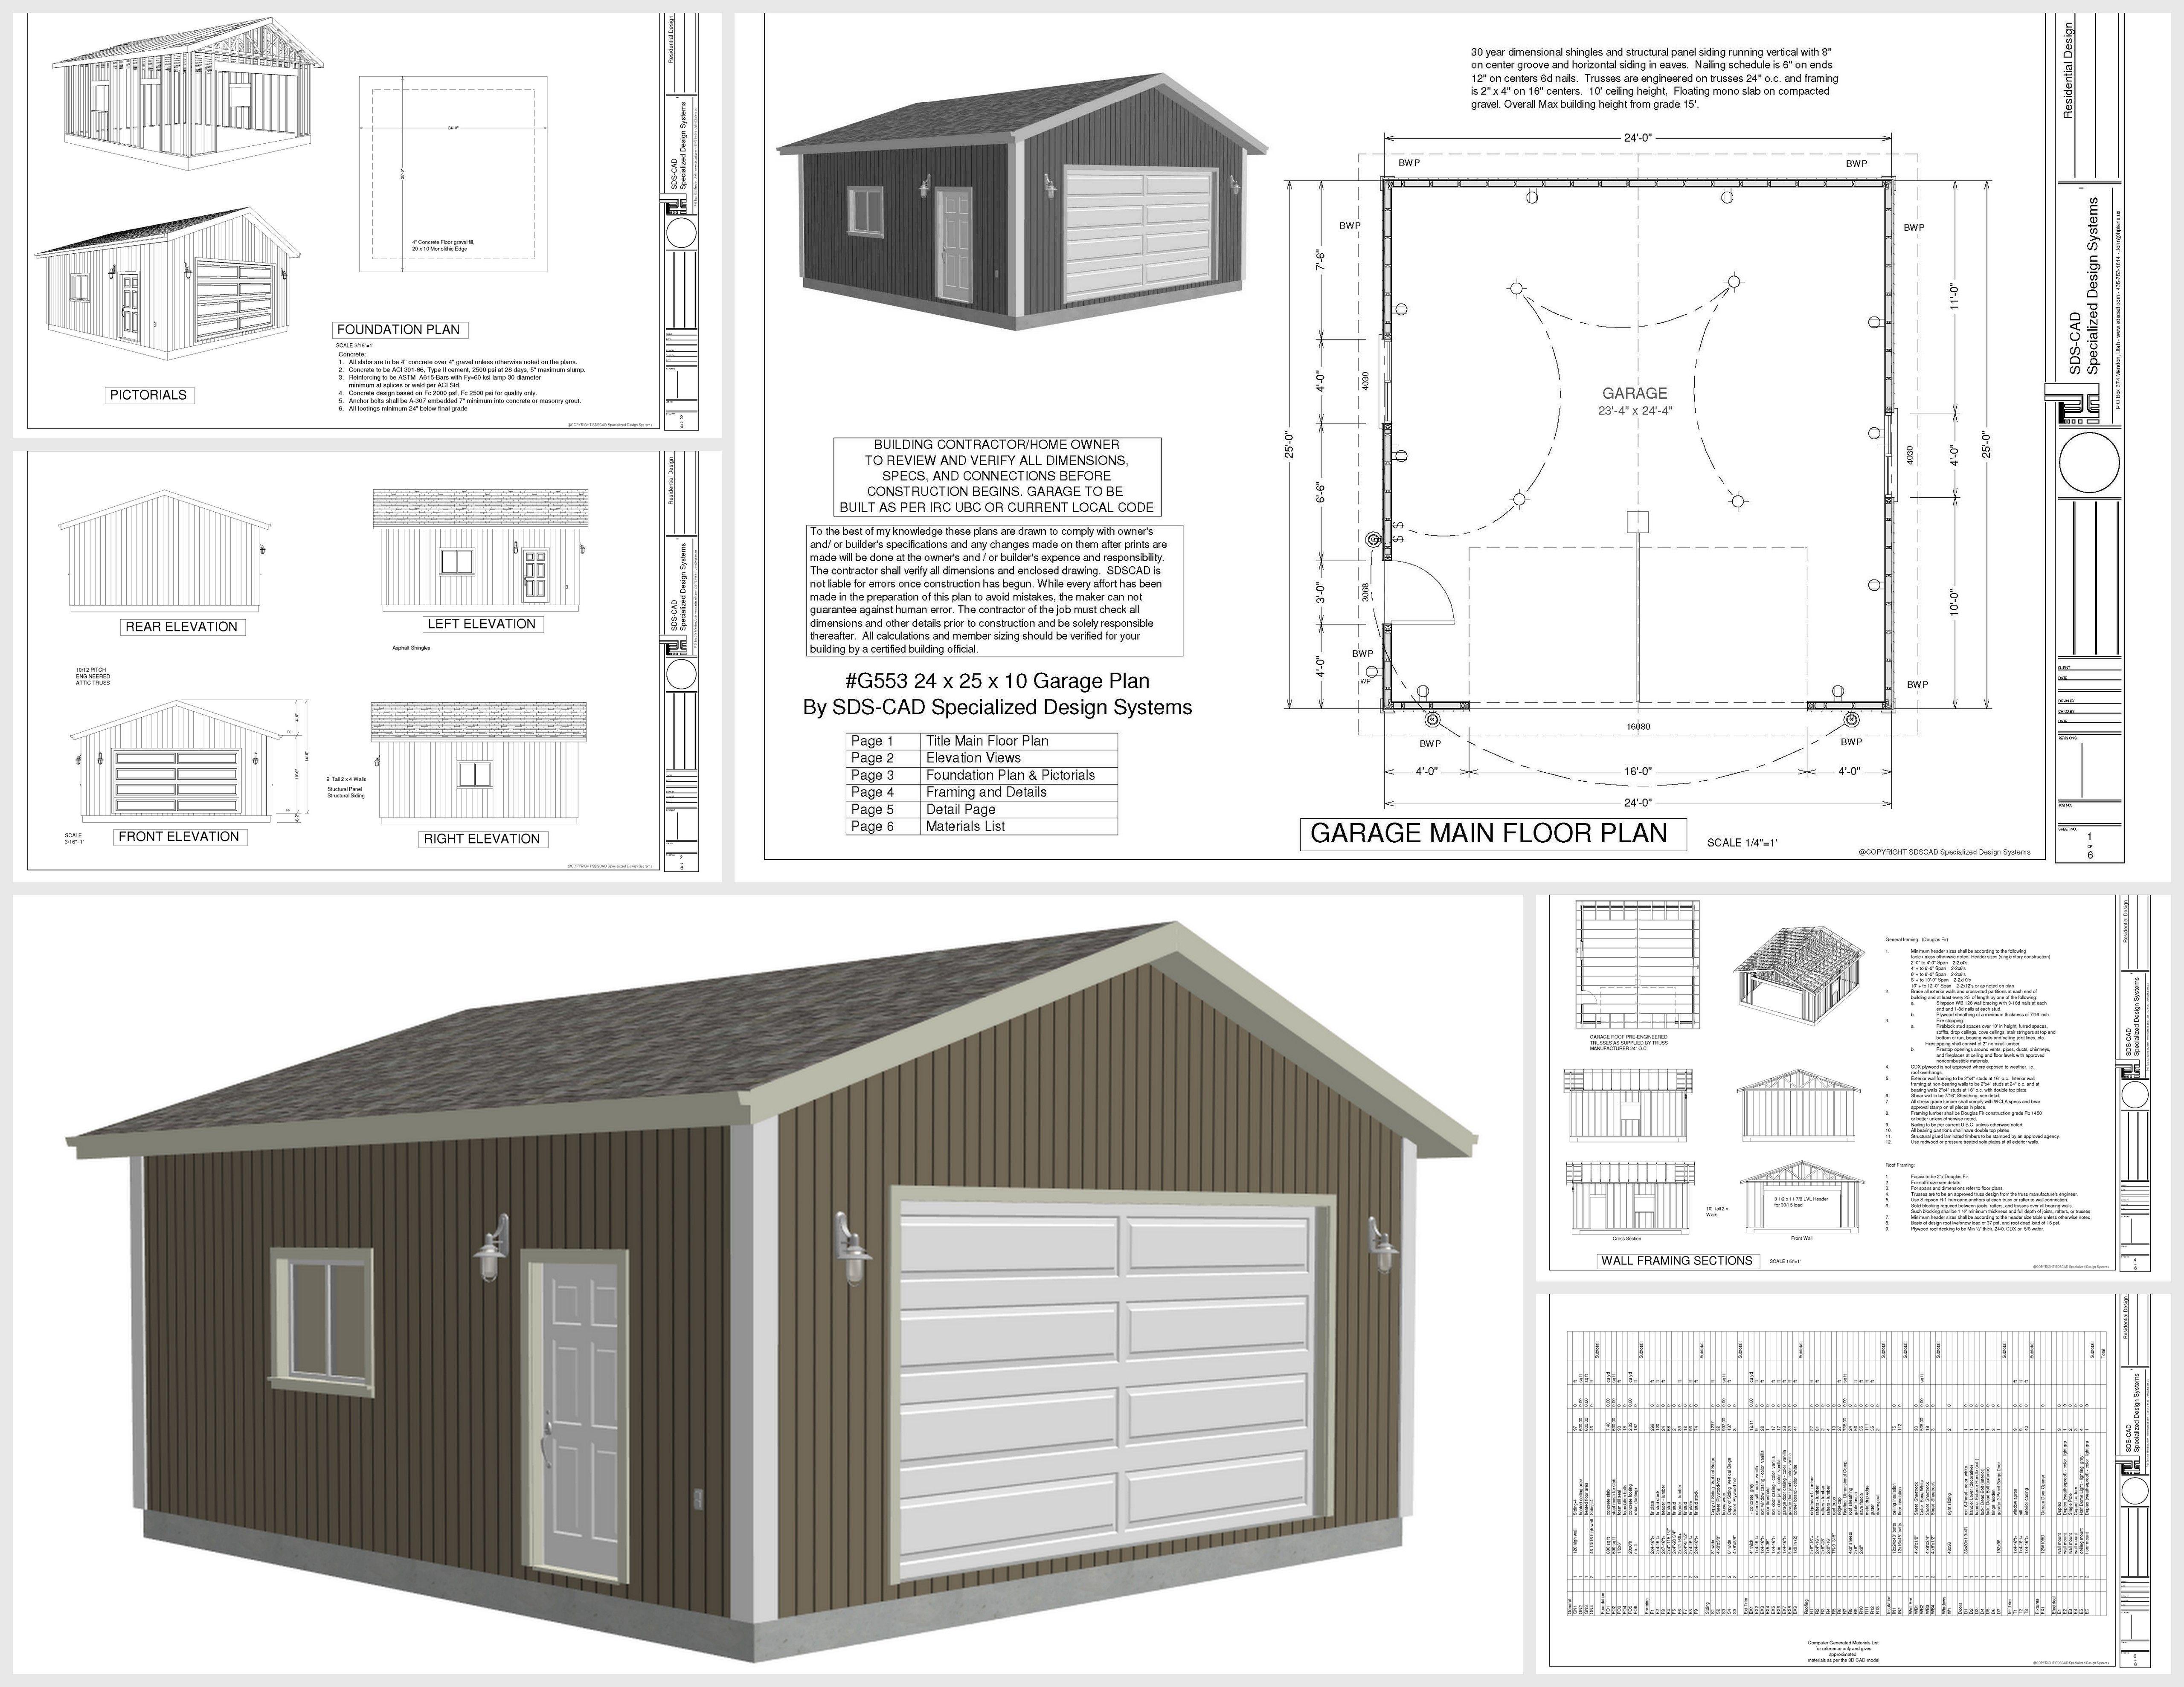 Carriage House Plans Detached Garage Plans Garage Plans Garage Shop Plans Downloadable Woodworking Plans